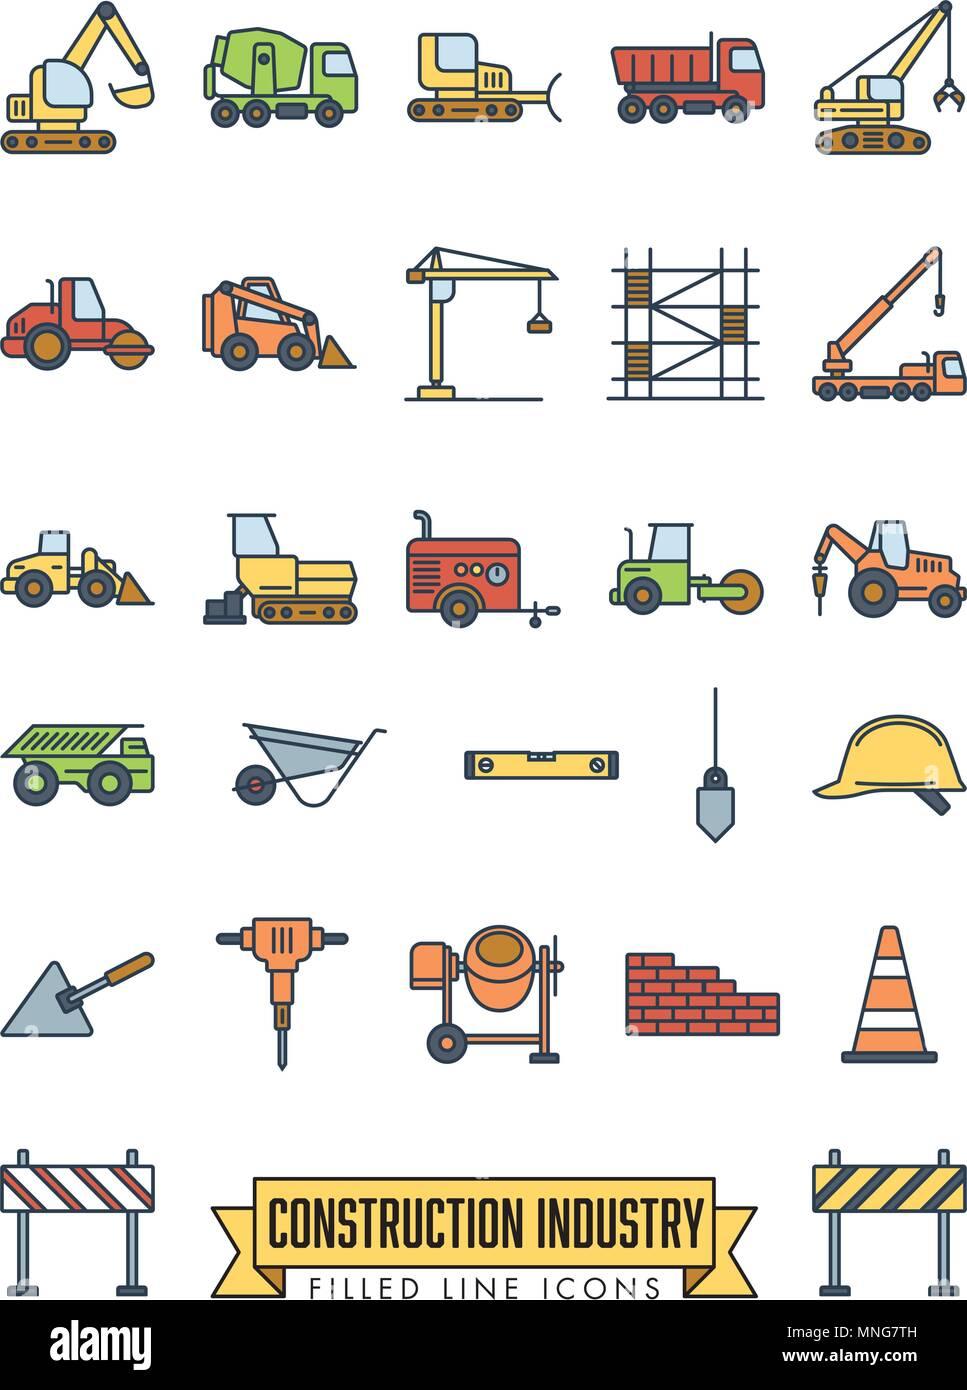 La costruzione industriale macchinari e utensili riempito icona linea collection Immagini Stock